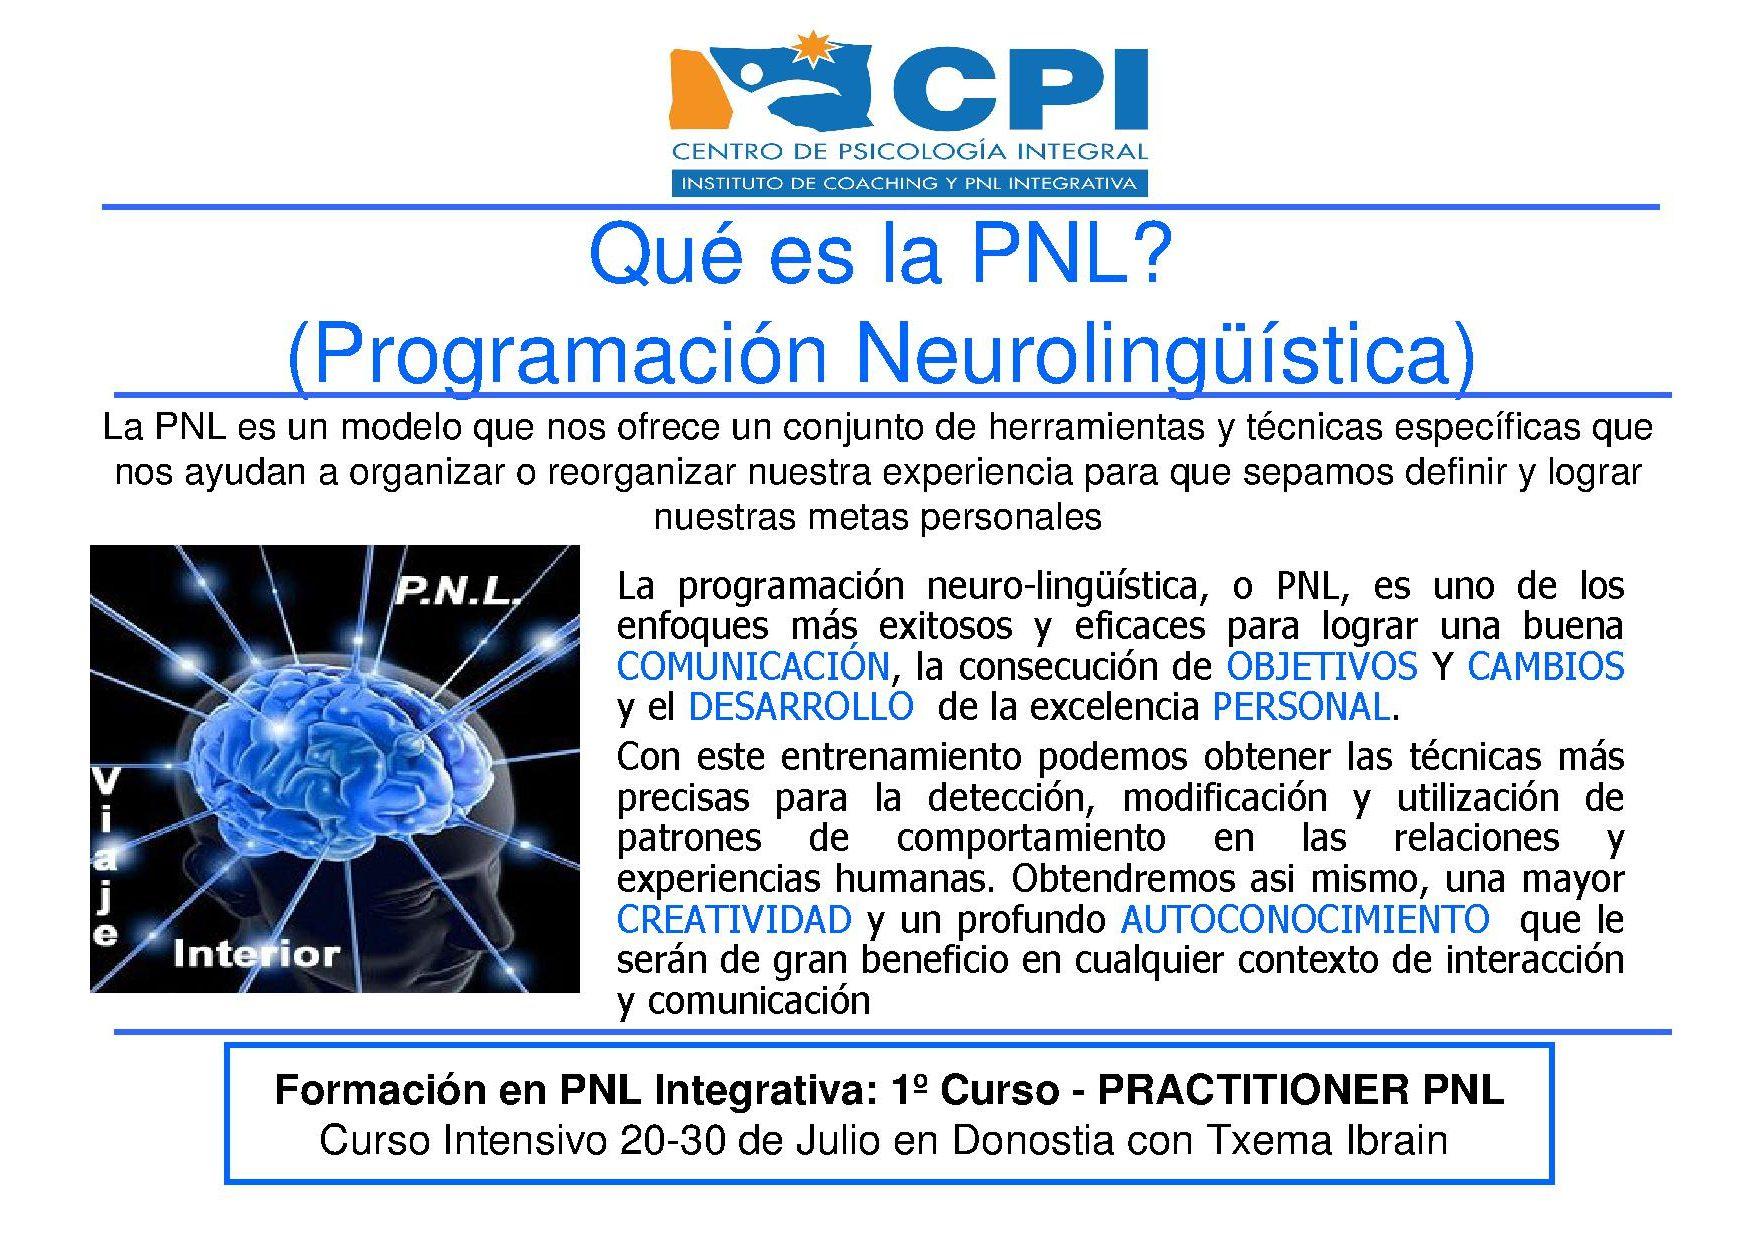 ¿QUe es la PNL 2